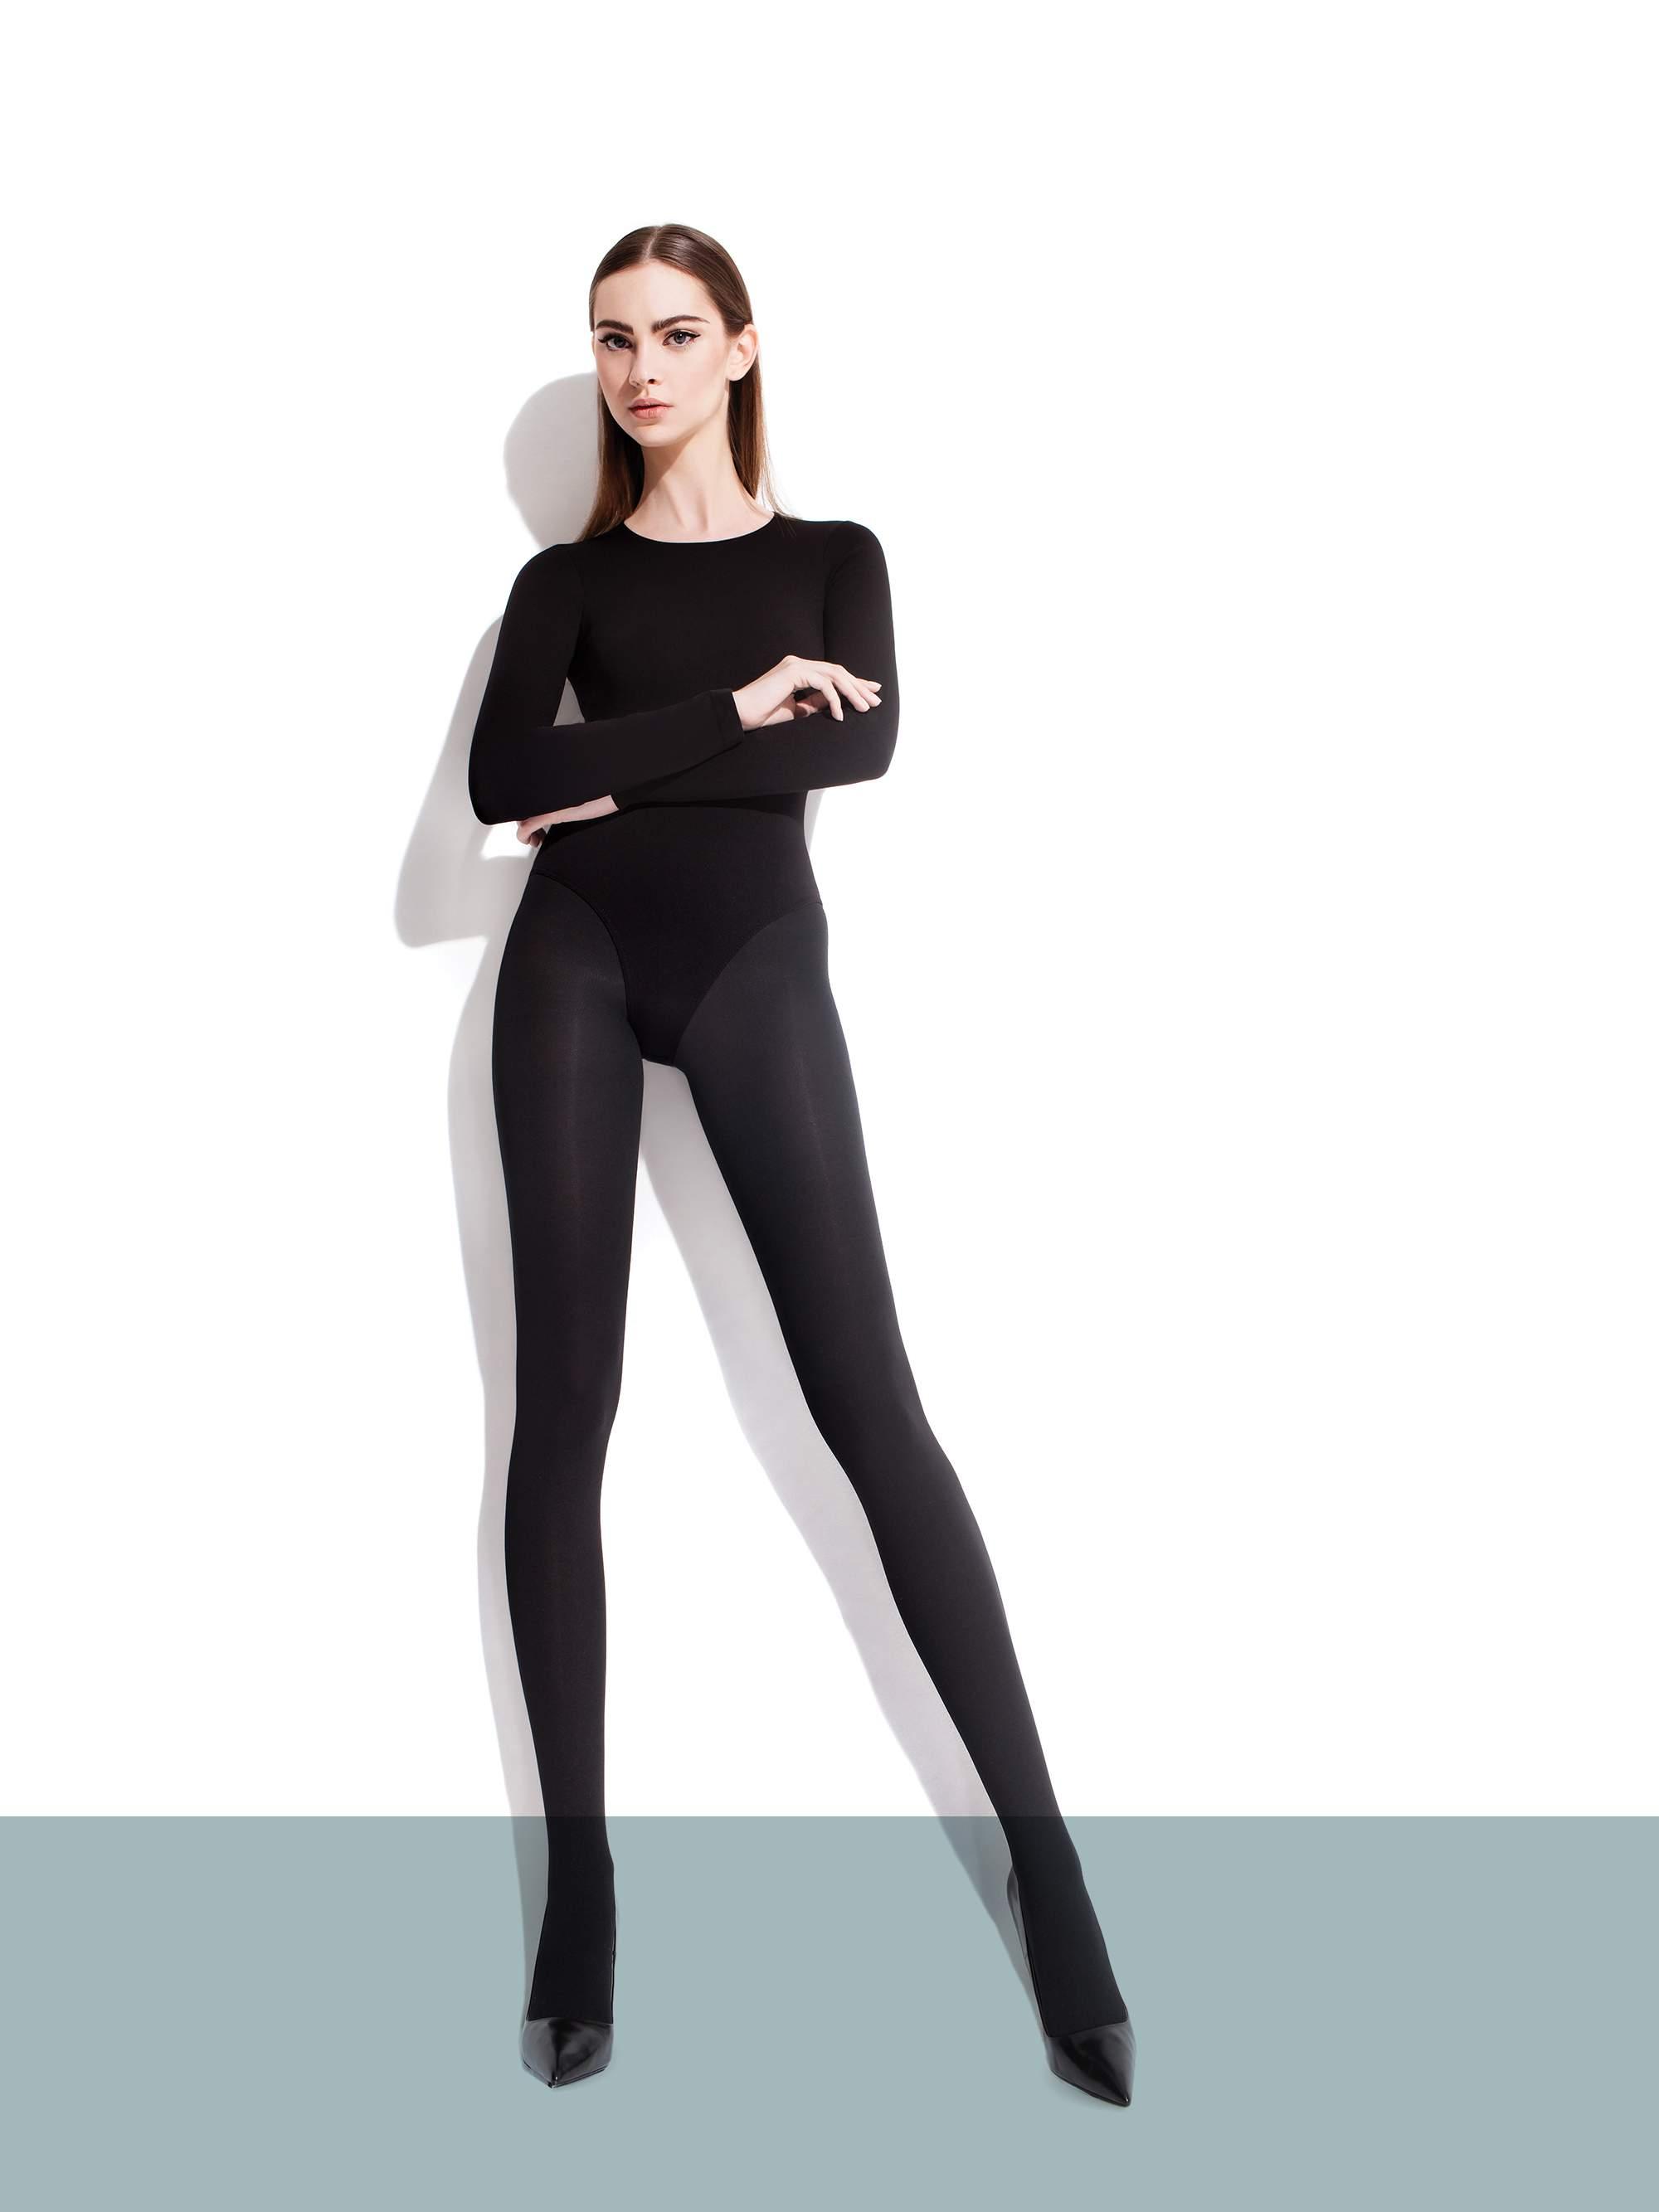 https://golden-legs.com.ua/images/stories/virtuemart/product/olga-100-den5.jpg